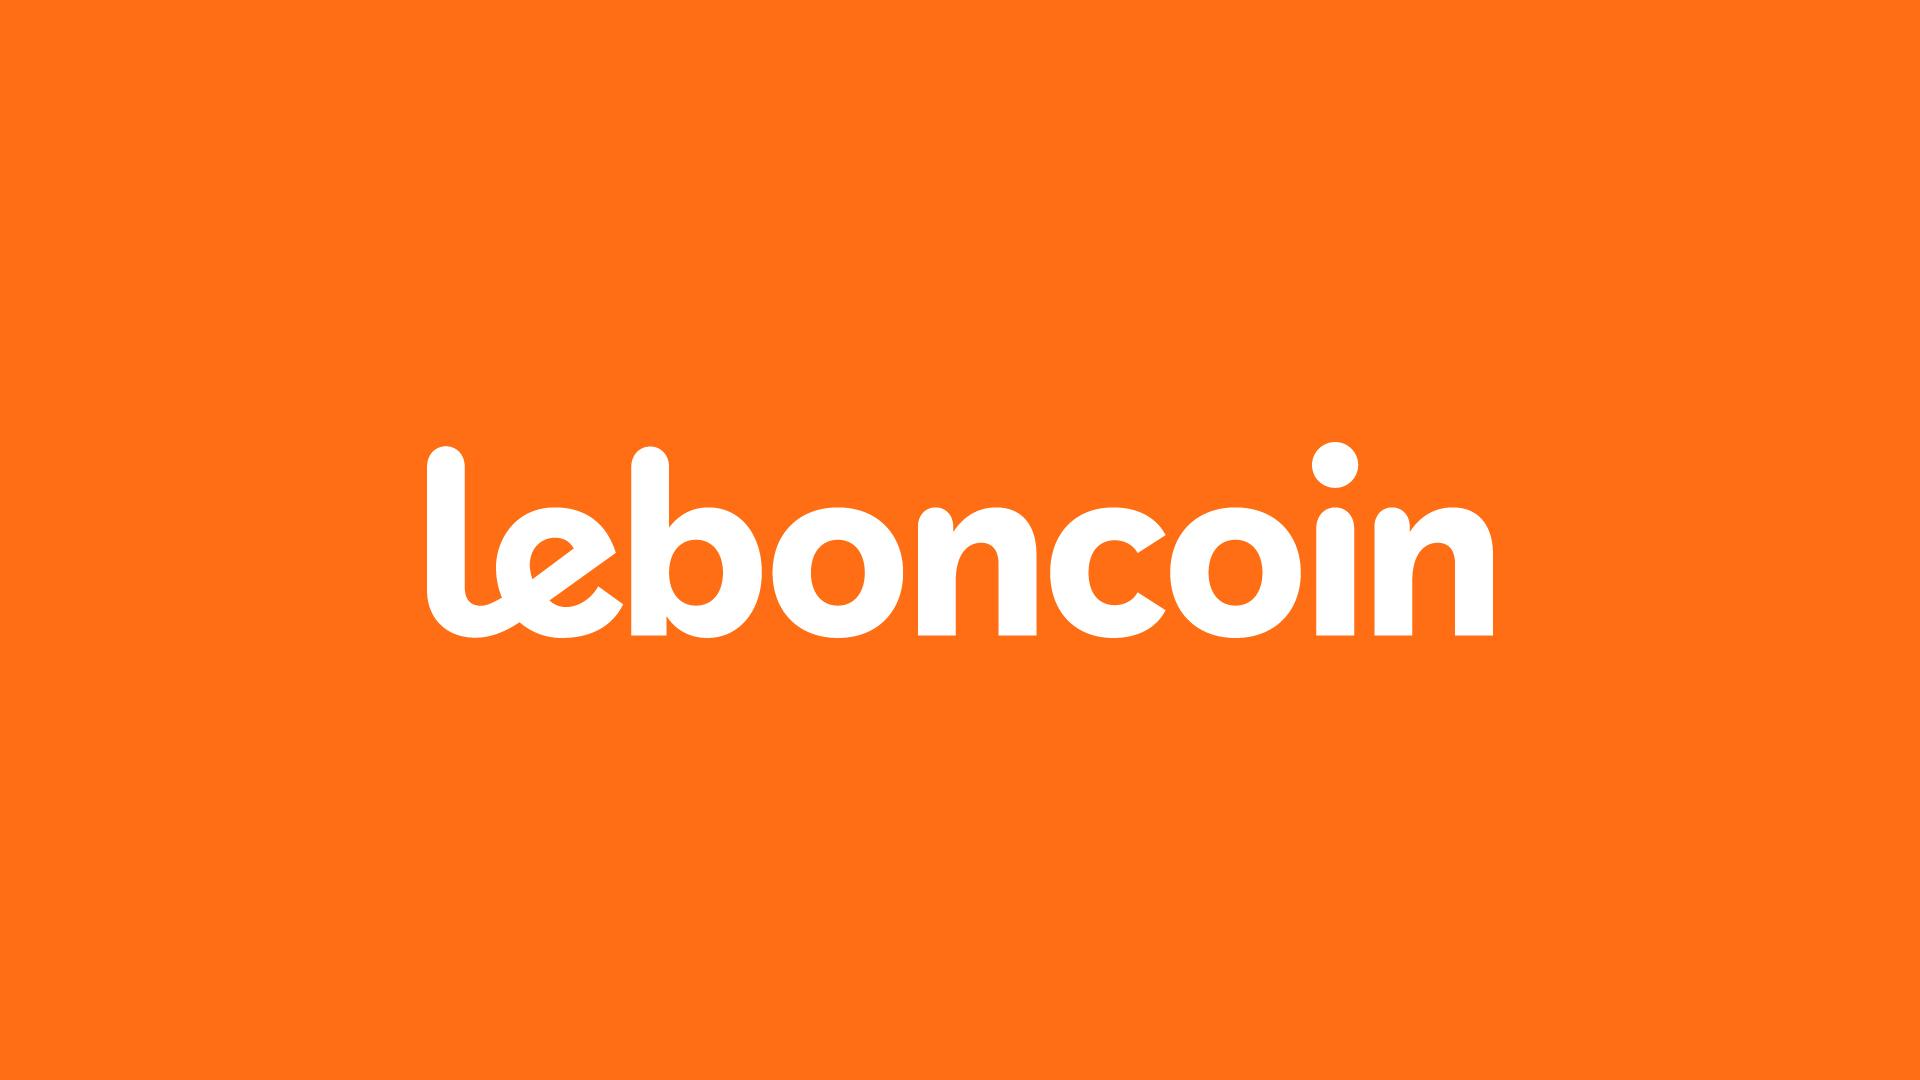 Nouveau logotype Leboncoin